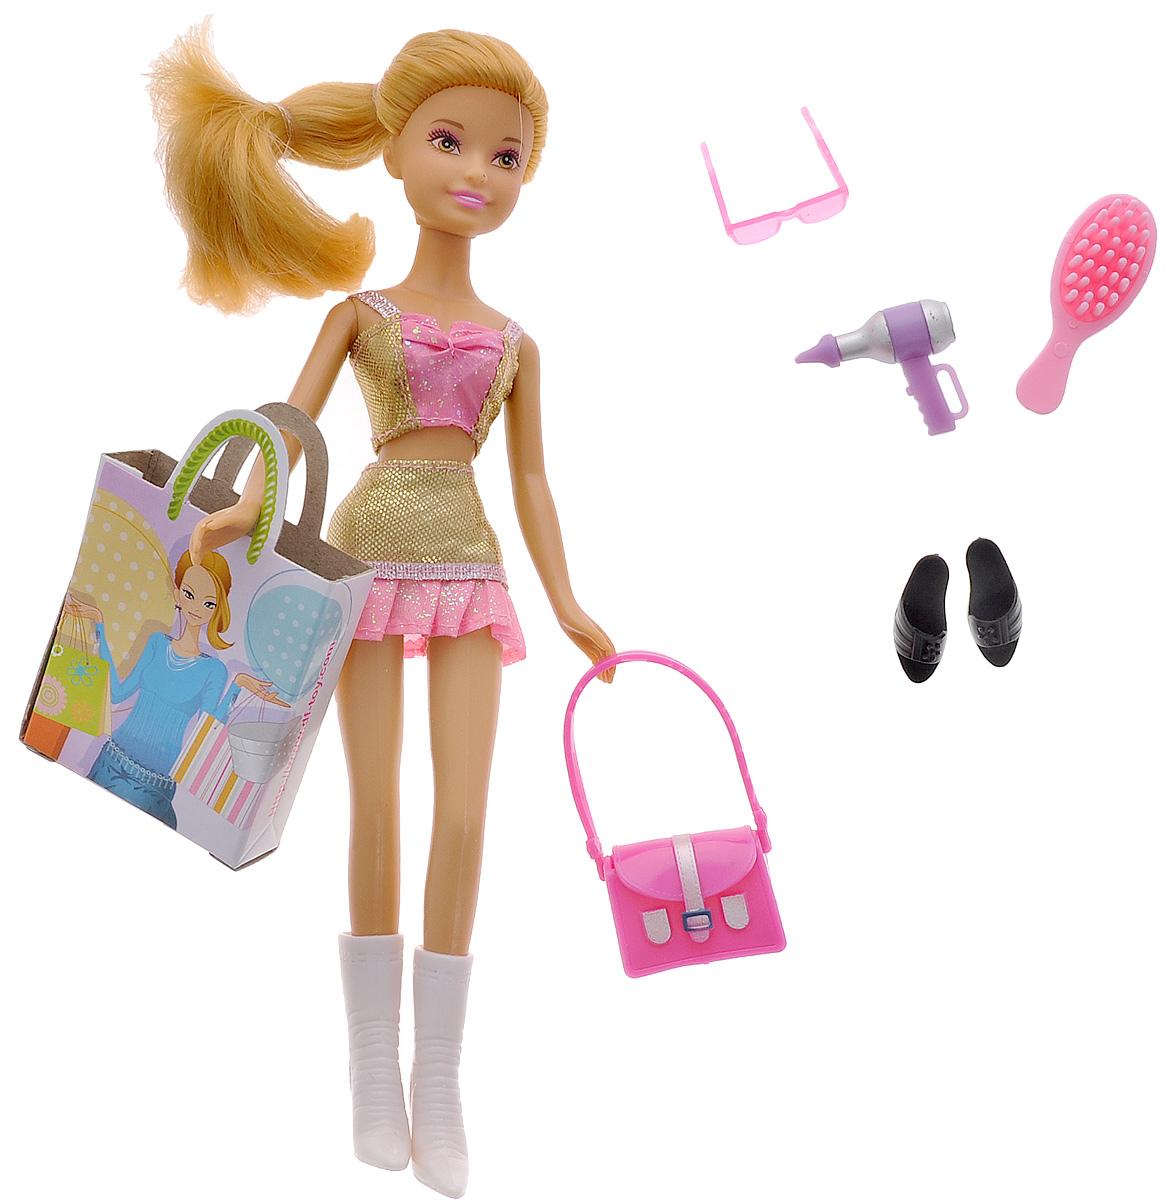 Defa Кукла Lucy Модница цвет наряда золотистый розовый кукла defa lucy любимый малыш pink 5063pk